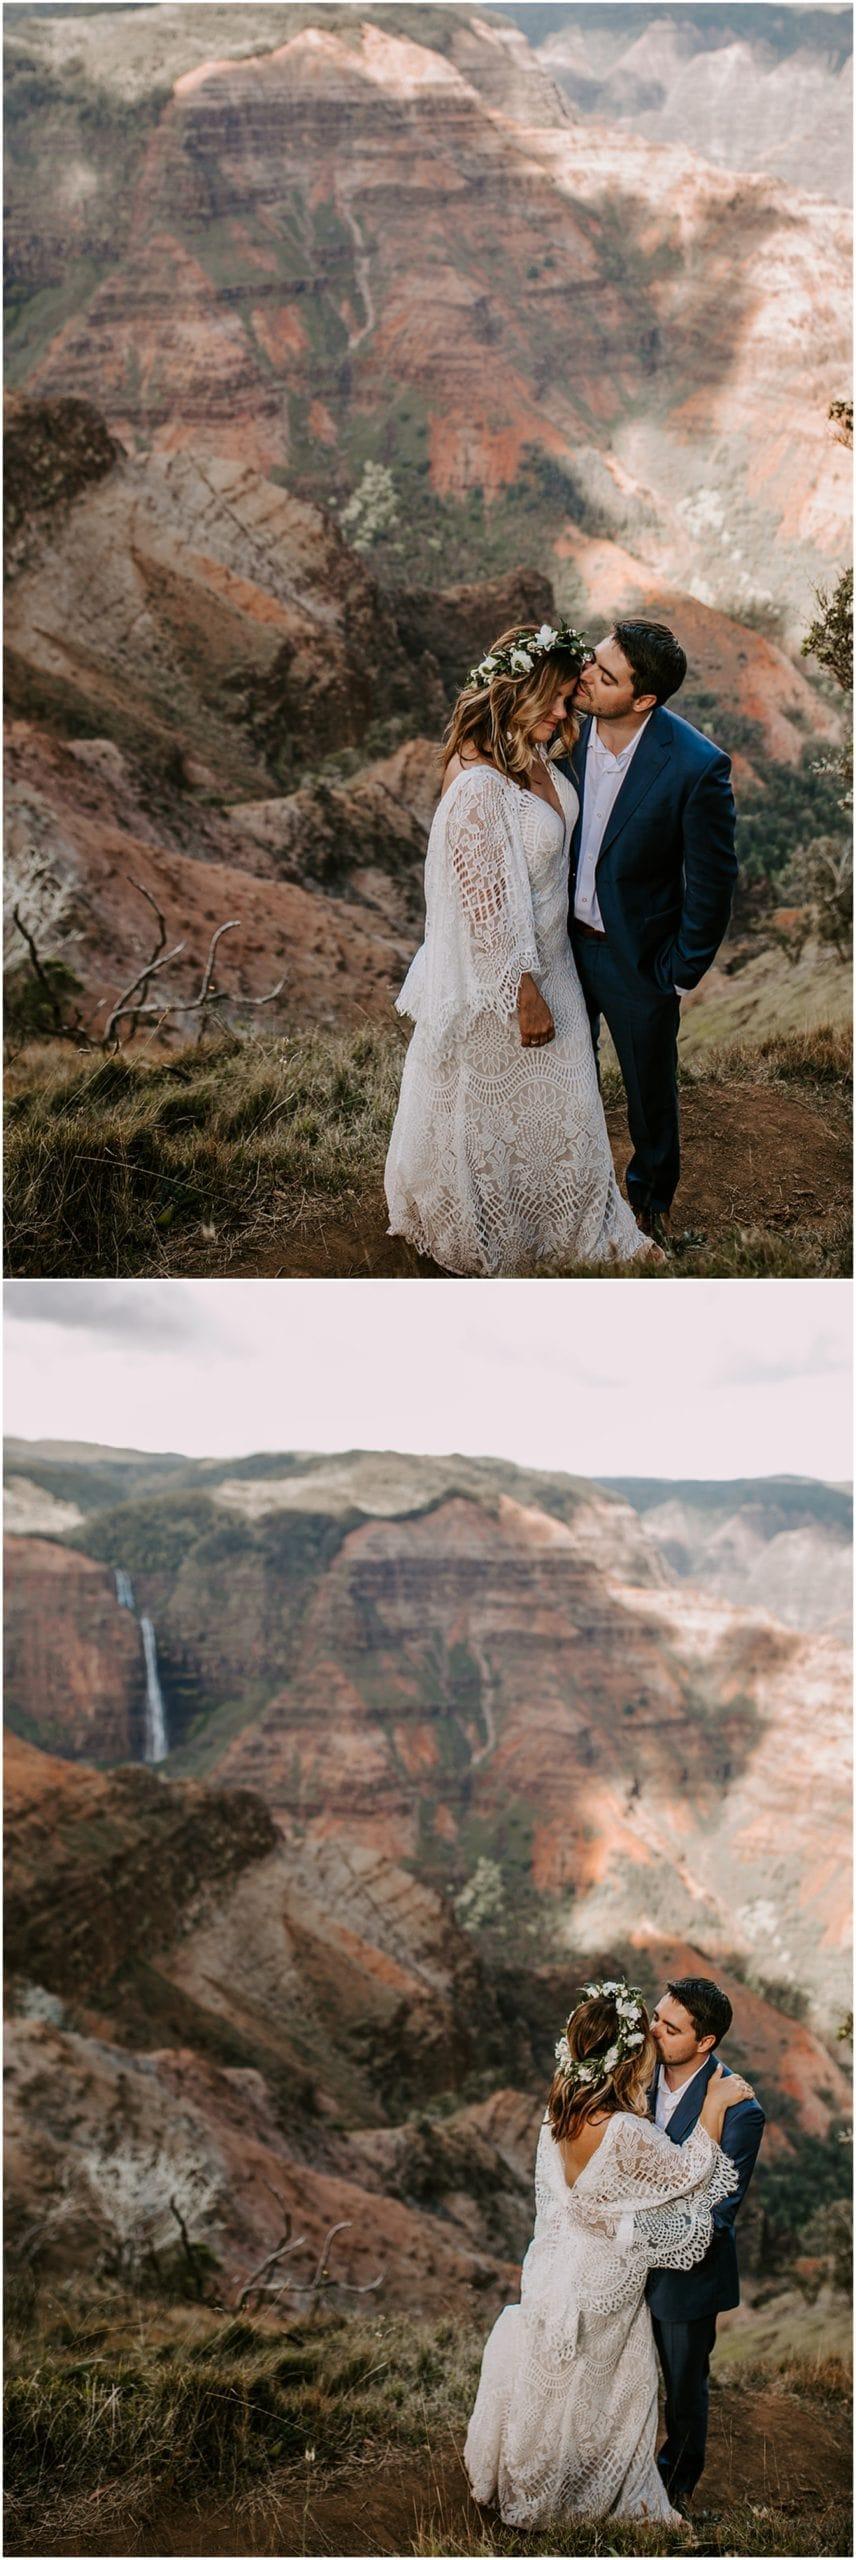 bride and groom eloping at waimea canyon